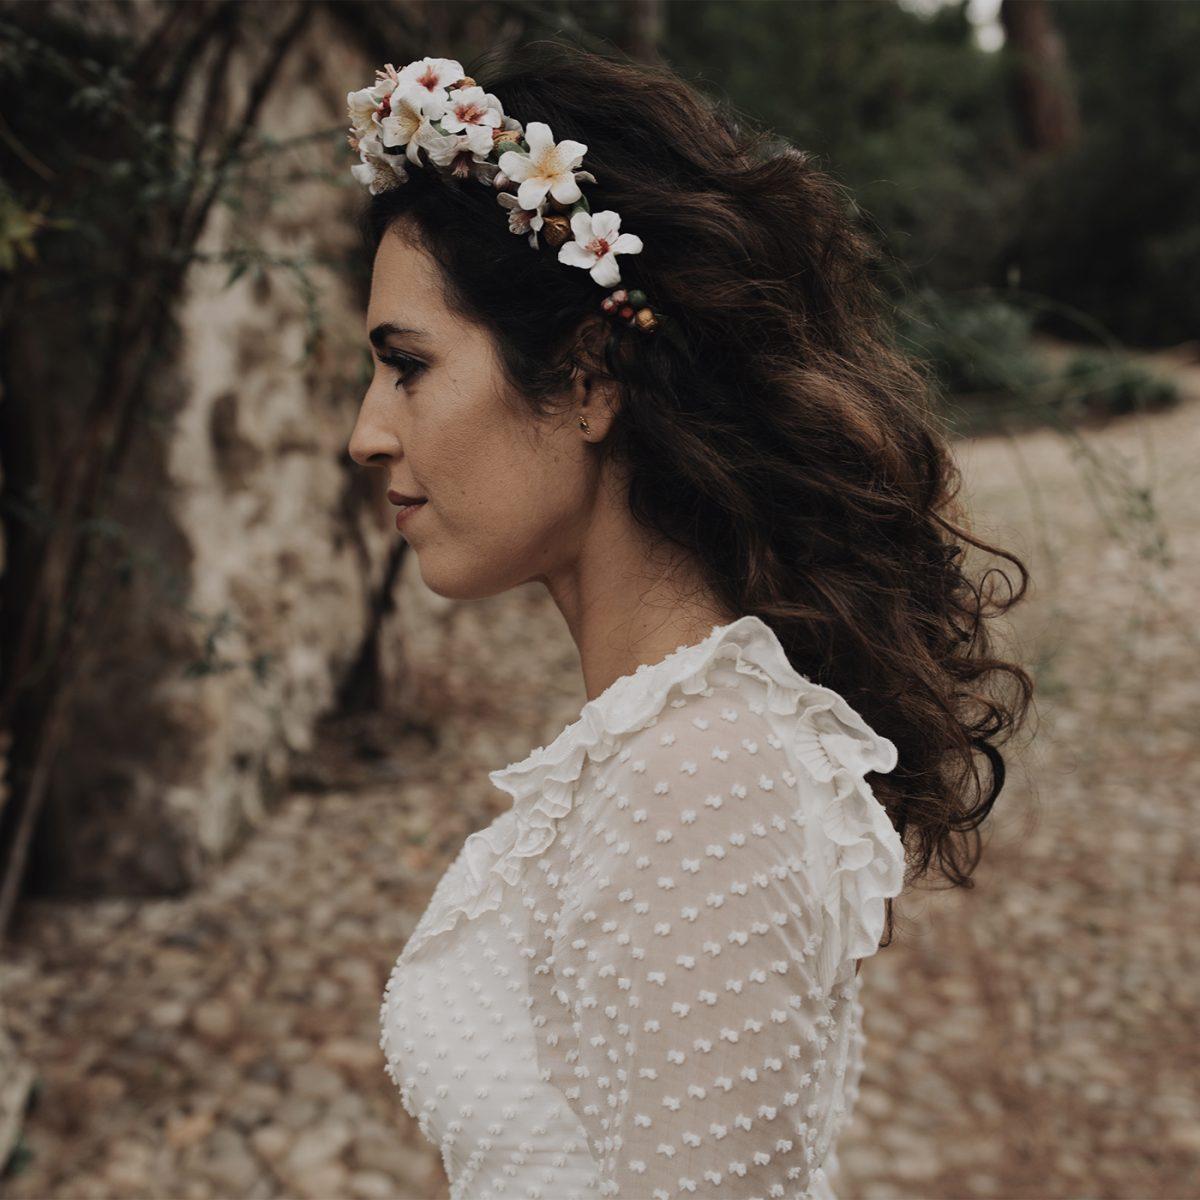 Novia con vestido romántico y bohemio y corona de flores